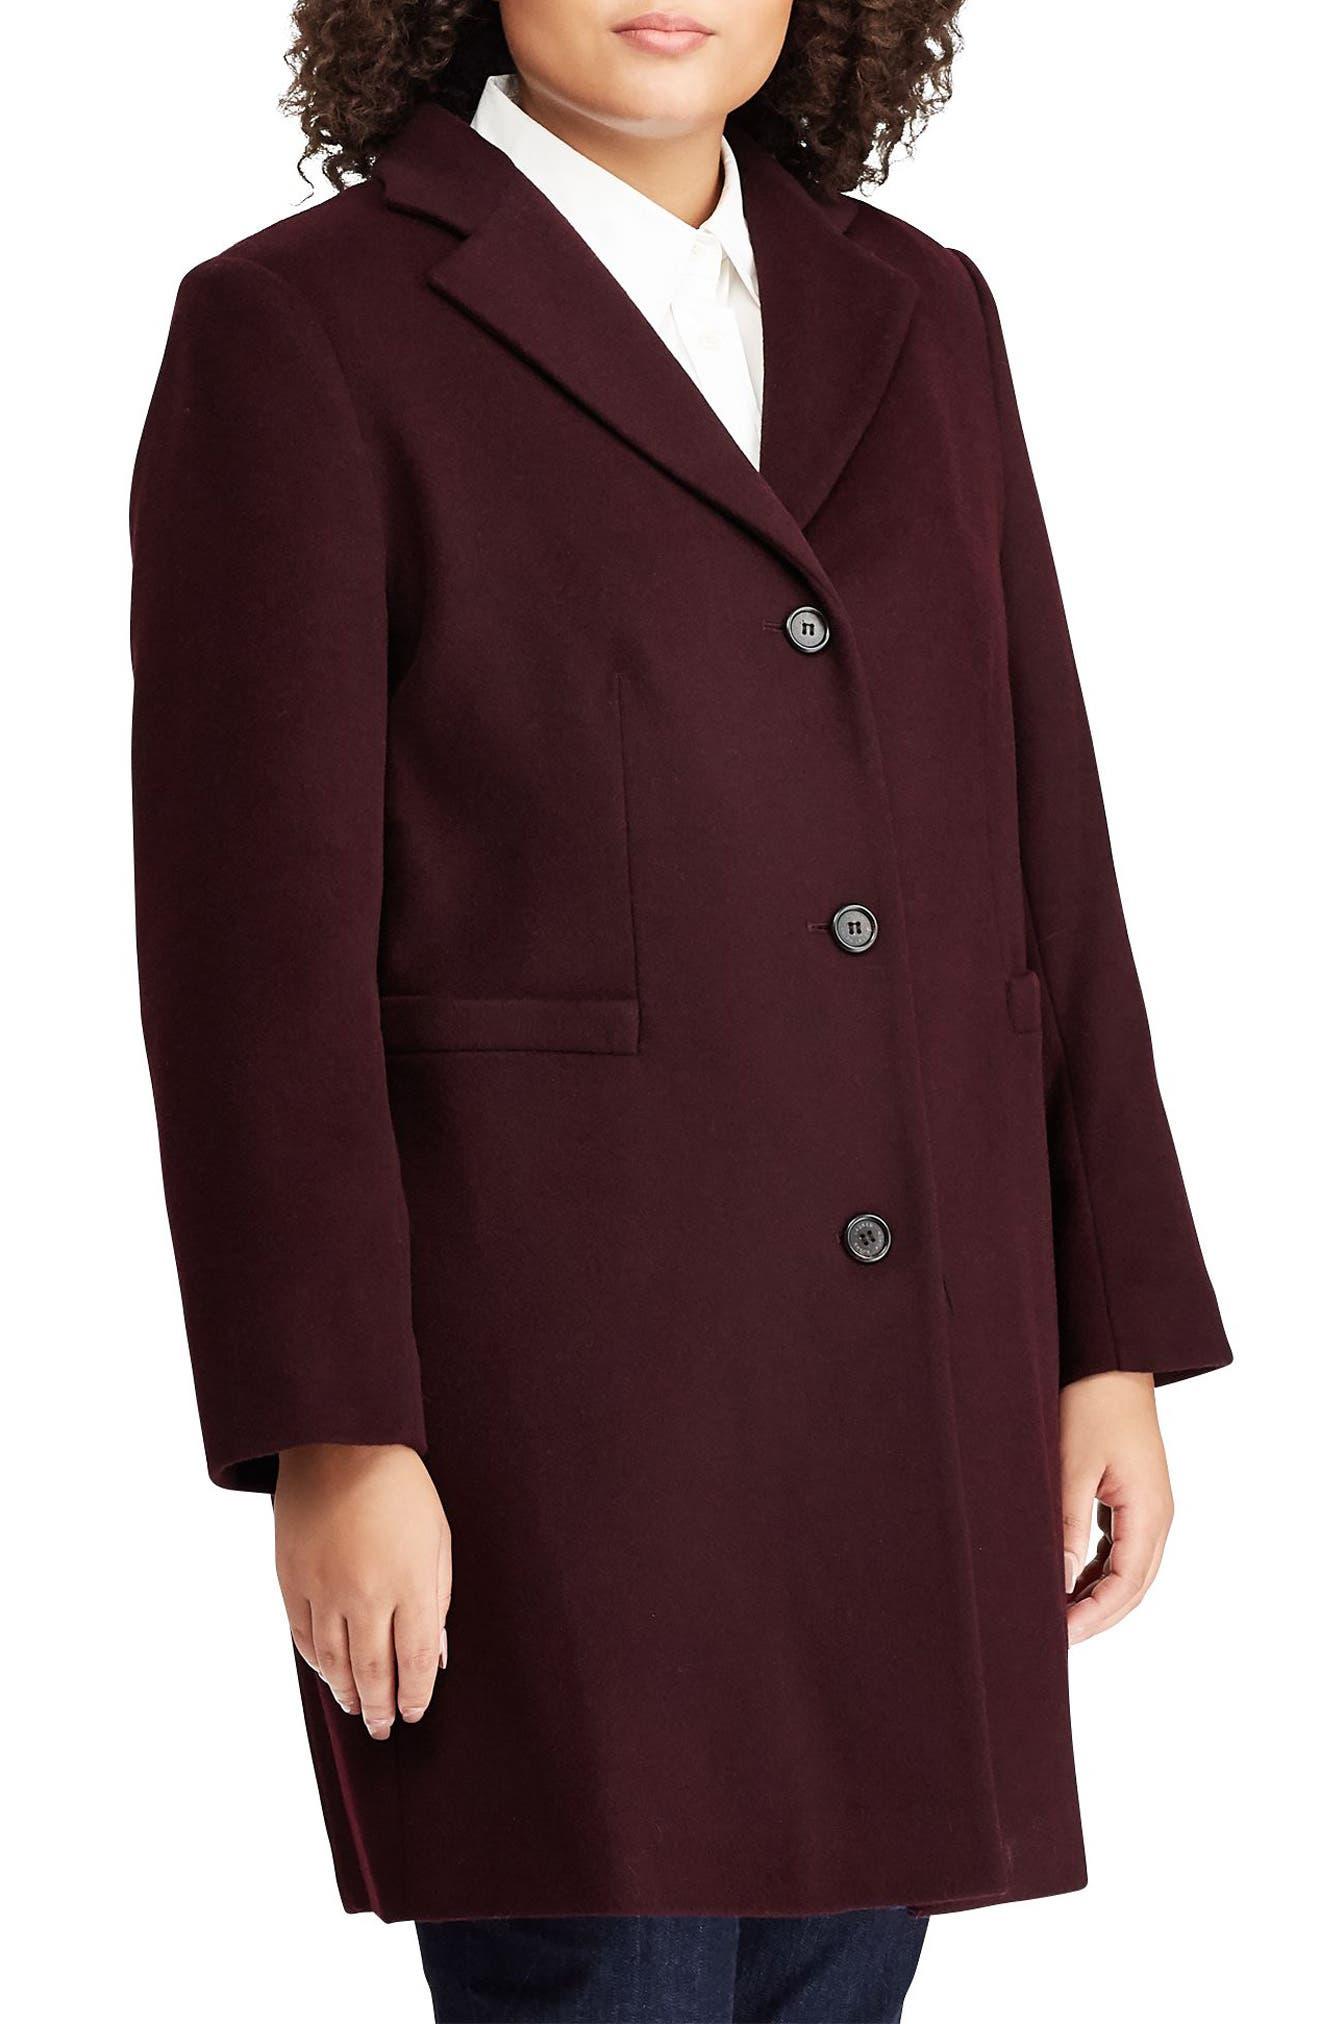 LAUREN RALPH LAUREN Wool Blend Reefer Coat, Main, color, BURGUNDY